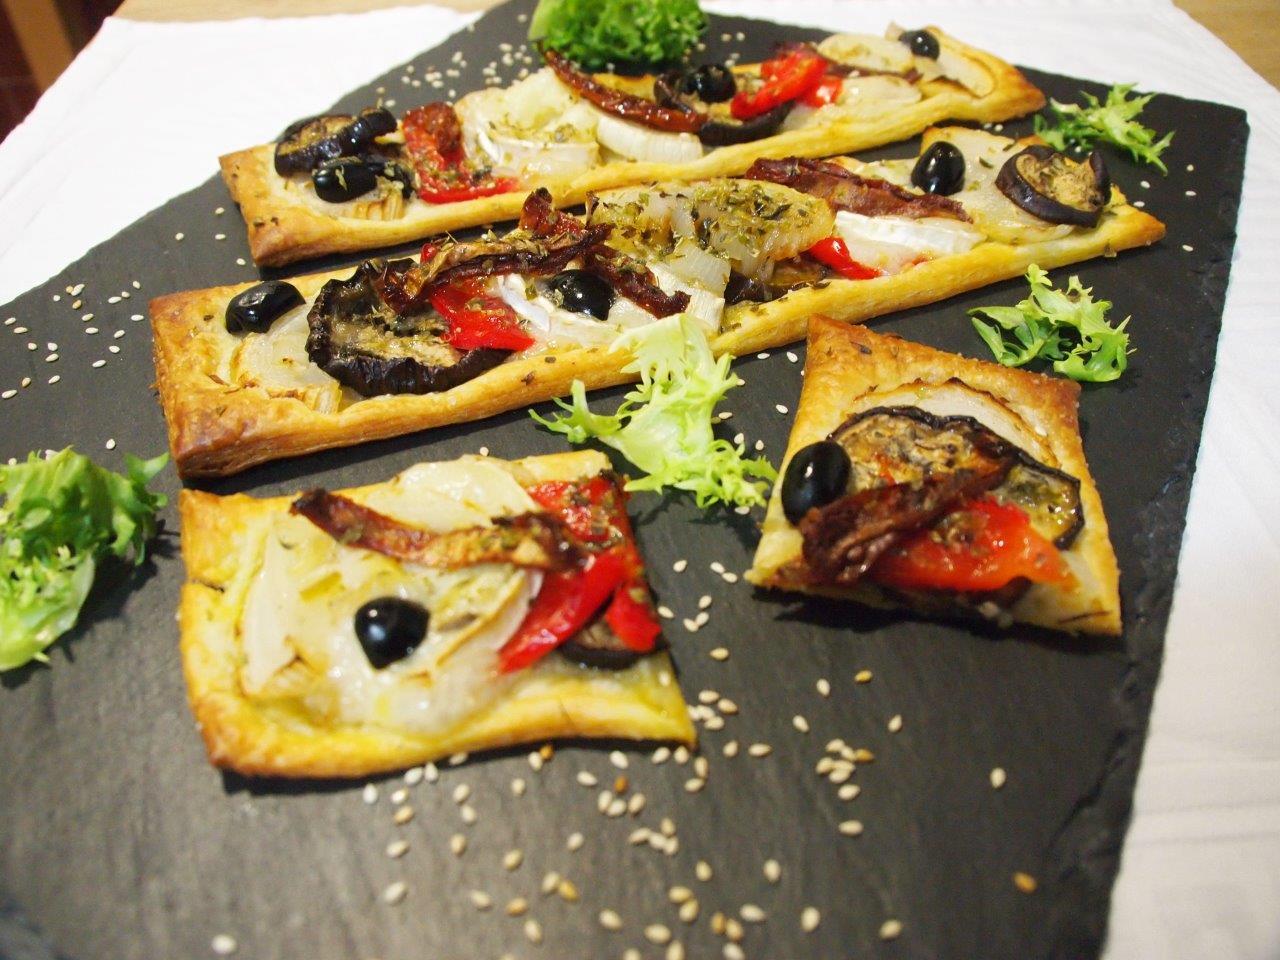 Hojaldres de hortalizas y queso de cabra cocina sin carn - Queso de cabra y colesterol ...